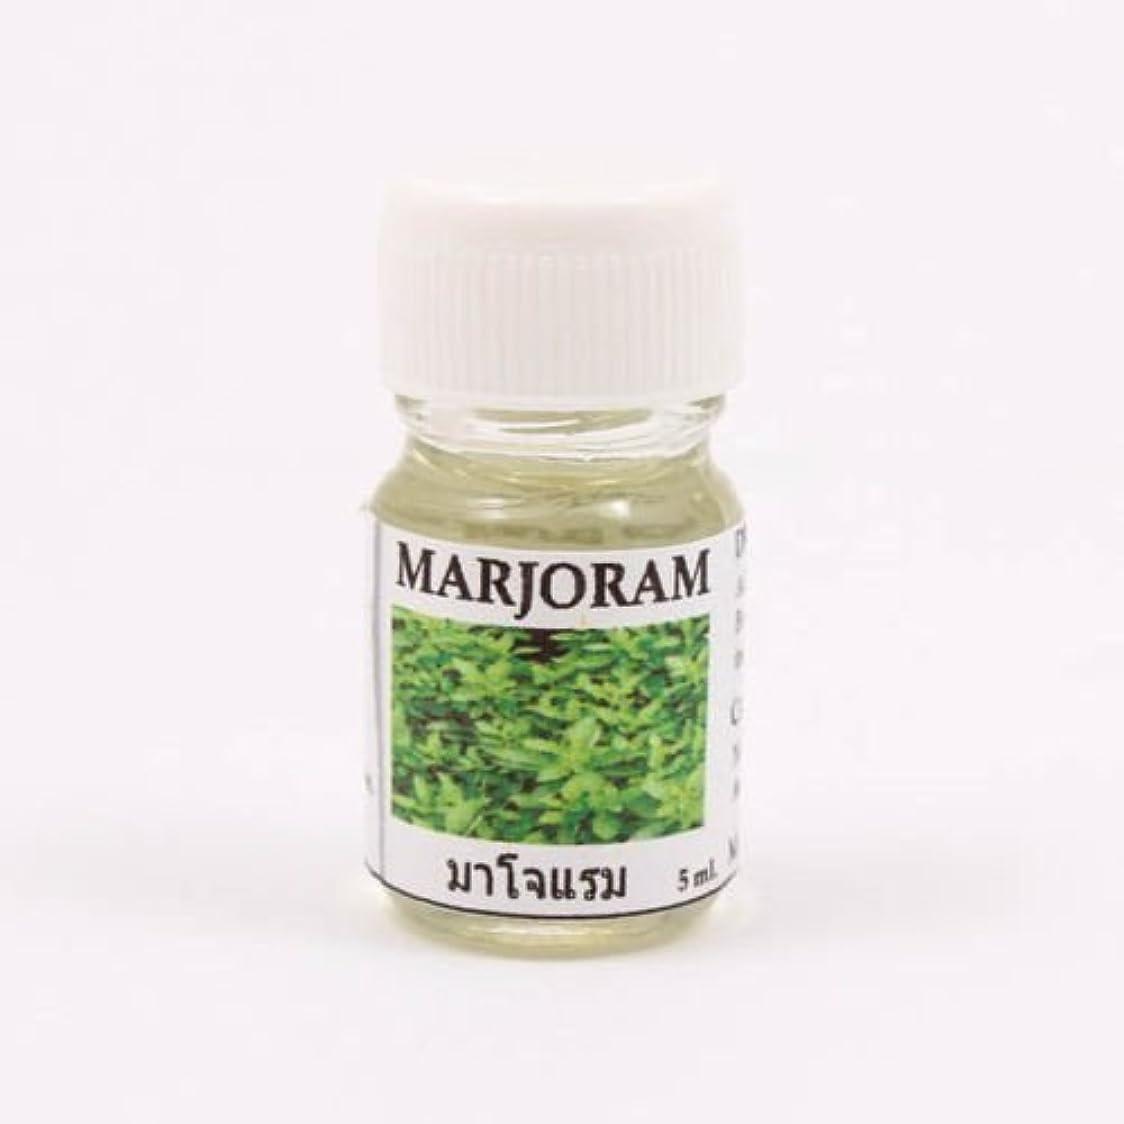 ファイター注入するパン屋6X Marjoram Aroma Fragrance Essential Oil 5ML (cc) Diffuser Burner Therapy